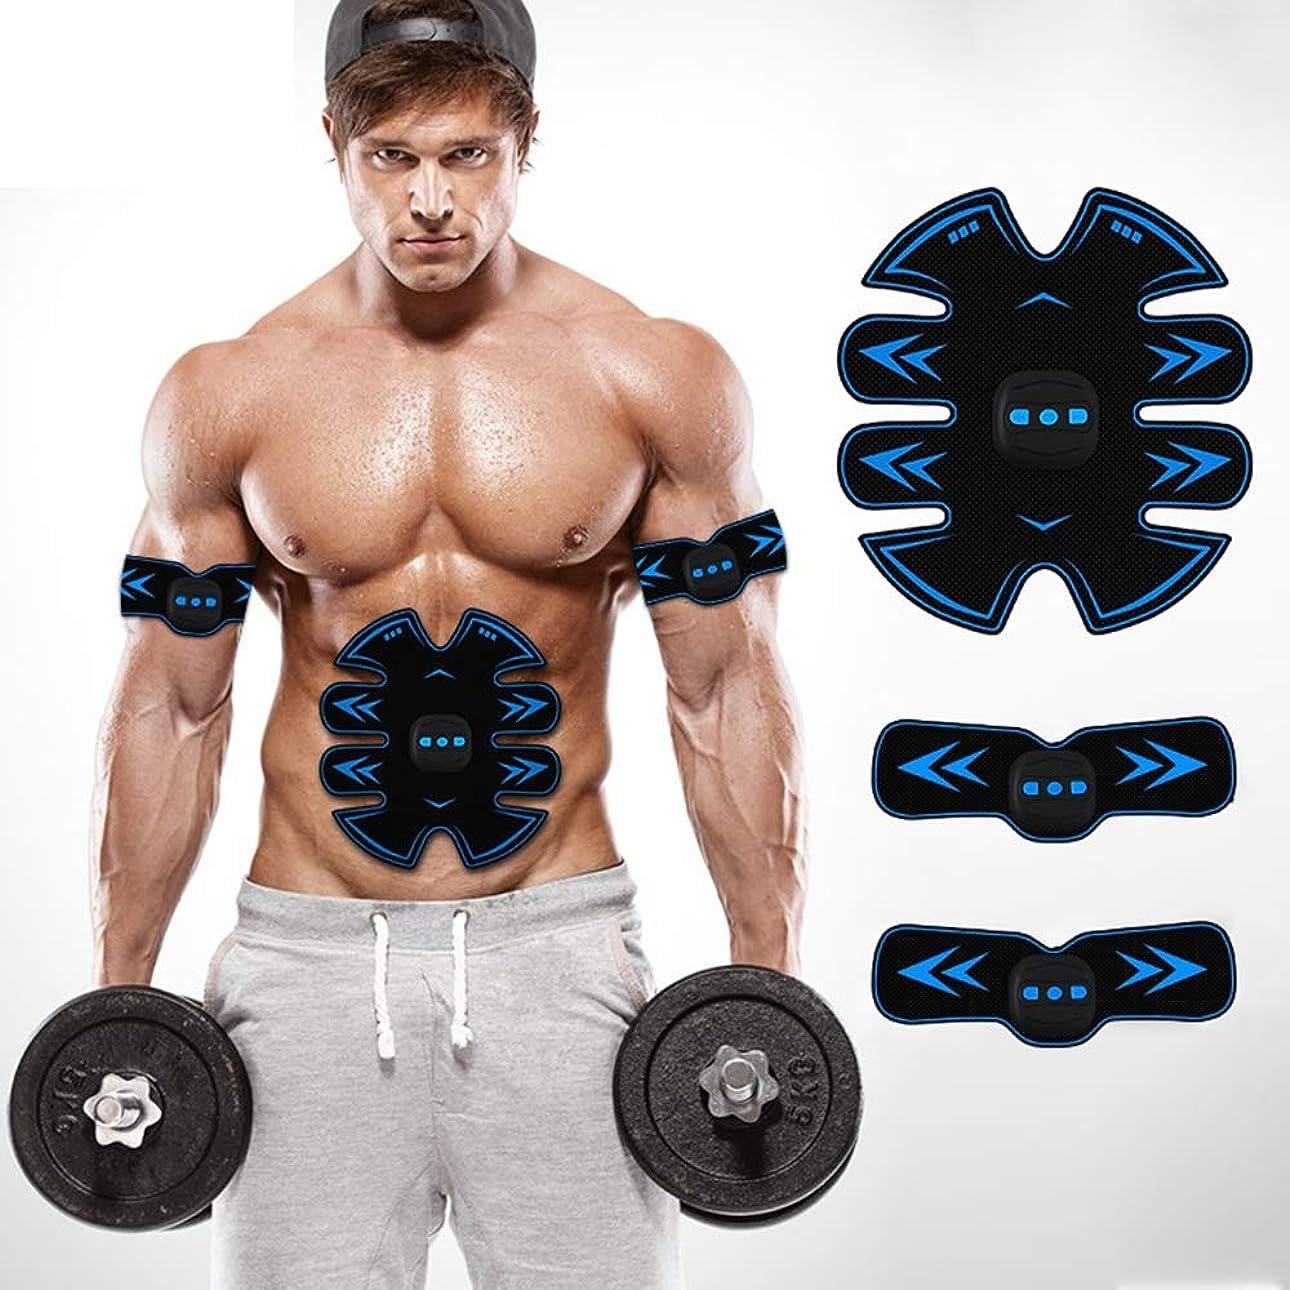 登録代数楽観的スマートUSB電気腹部機器ワイヤレスEMS筋肉刺激装置ウエスト減量マシン男性と女性の運動腹筋トレーニングフィットネス機器,Blue